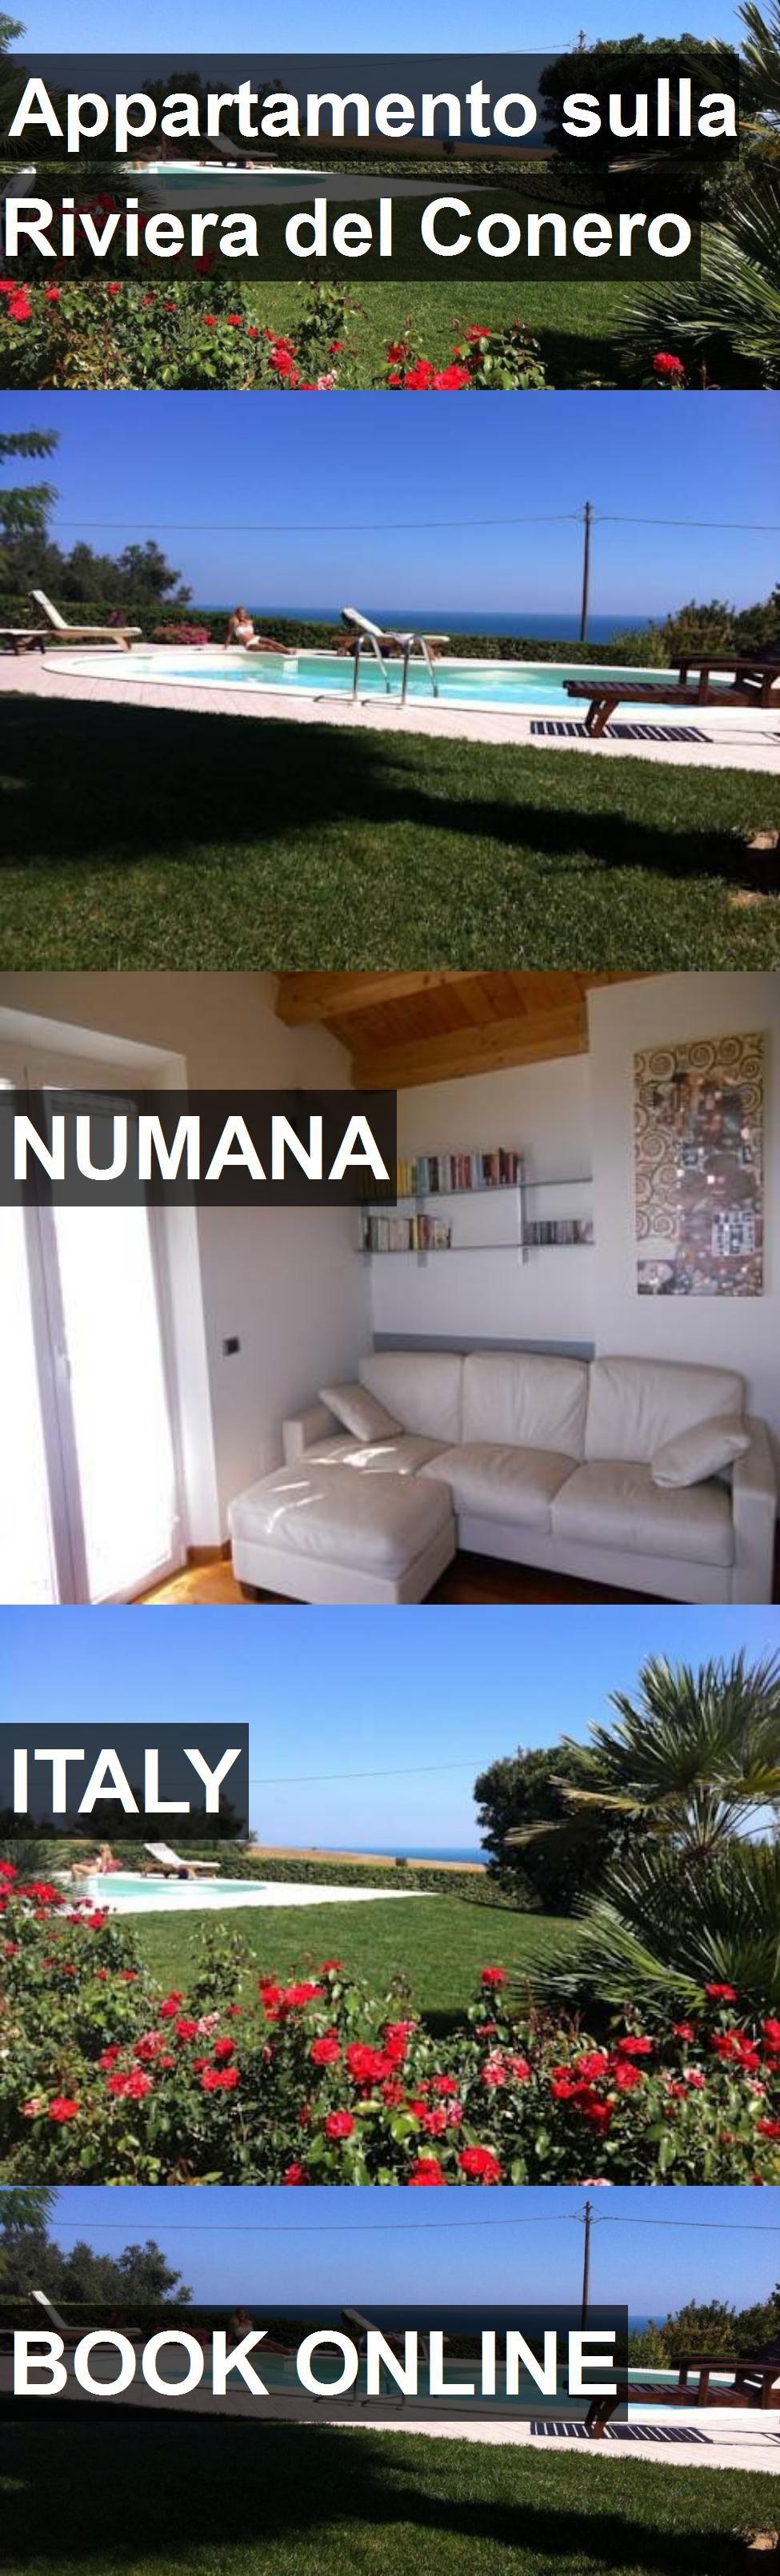 Hotel Appartamento sulla Riviera del Conero in Numana